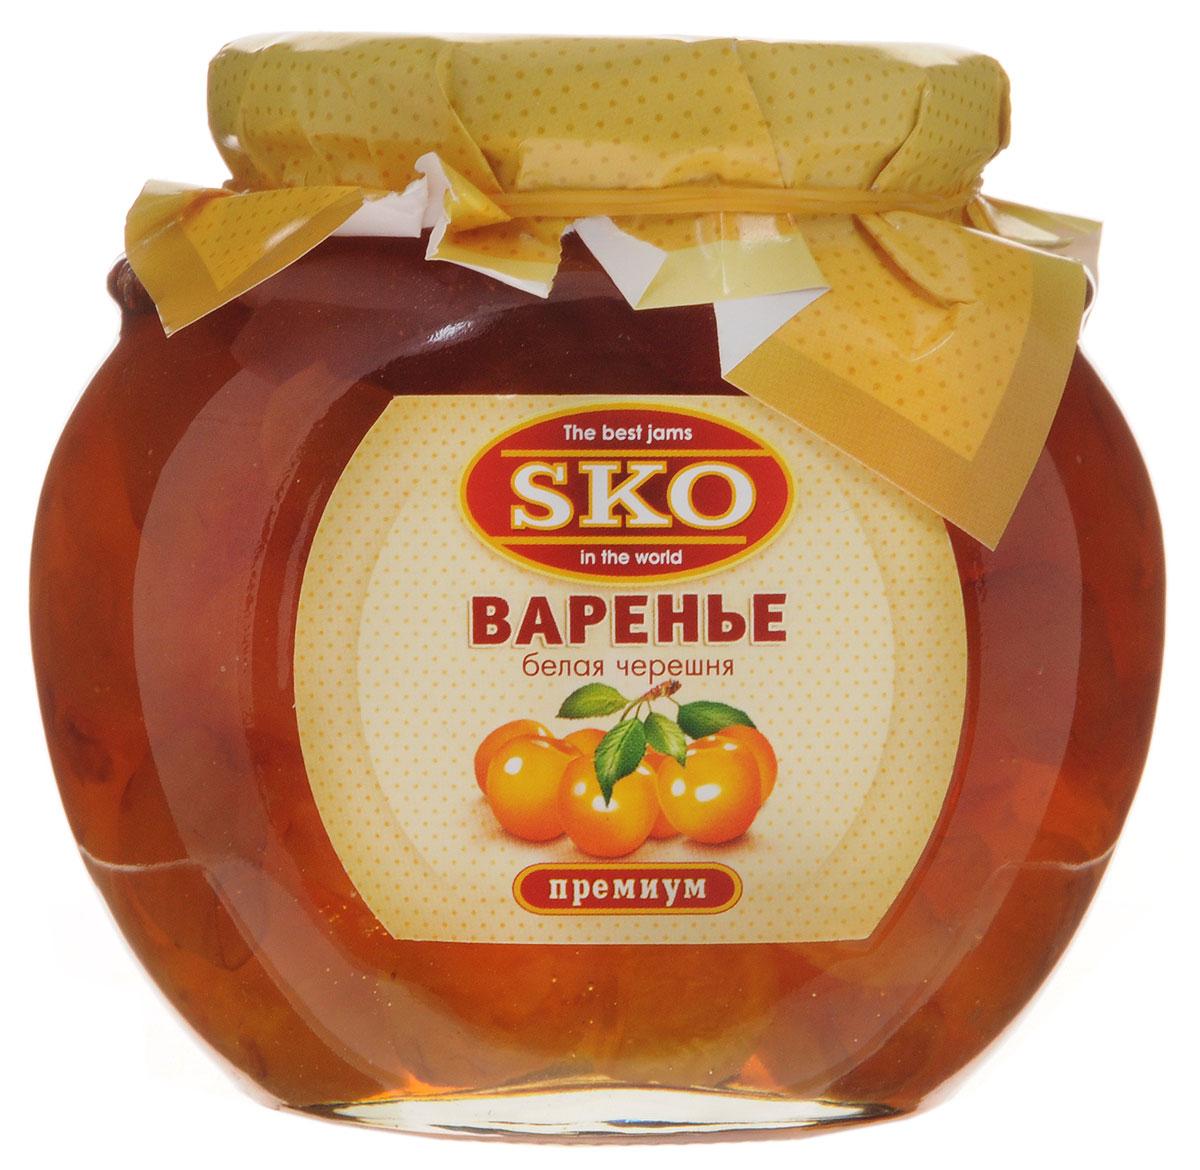 SKO варенье из белой черешни, 400 г11003Варенье из белой черешни SKO - армянское варенье, приготовленное по домашним рецептам и современным технологиям, не содержит пектина. Может использоваться для приготовления пирогов, тортов и других разнообразных десертов, а также в качестве самостоятельного лакомства. Варенье из сладких и мясистых плодов белой черешни получается просто изумительным. Оно полезно при гипертонических болезнях, болезнях почек и печени, ревматизме, артрите, подагре, малокровии, атонии кишечника, запорах и других заболеваниях желудочно-кишечного тракта, язве желудка и двенадцатиперстной кишки, гастрите с повышенной кислотностью, расстройствах нервной системы.